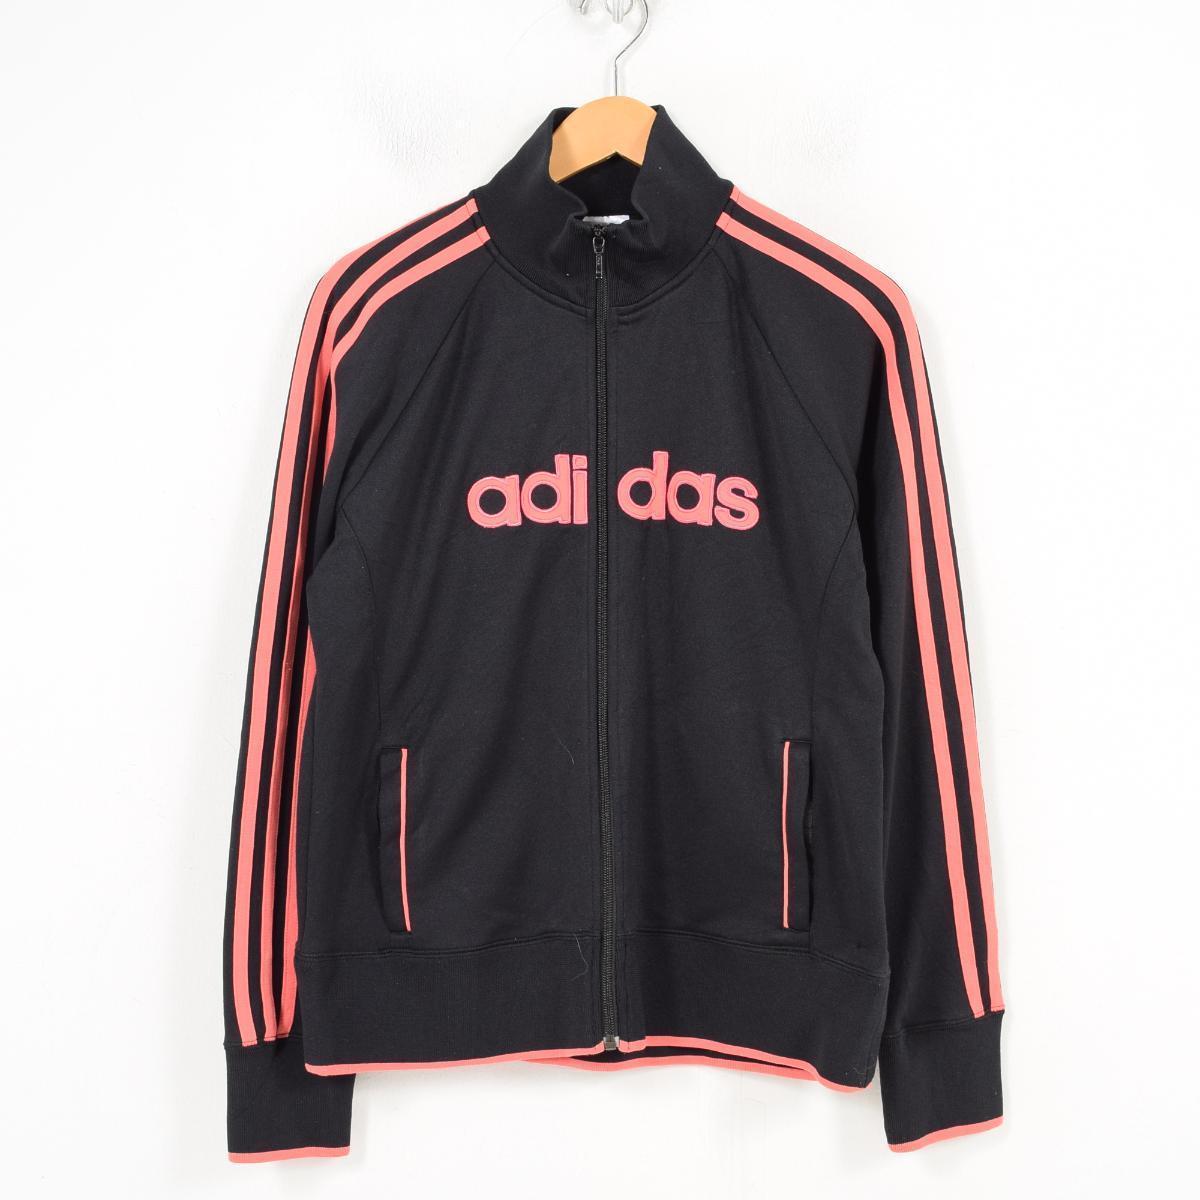 416b51284 Adidas adidas jersey truck jacket Lady's L /wao5010